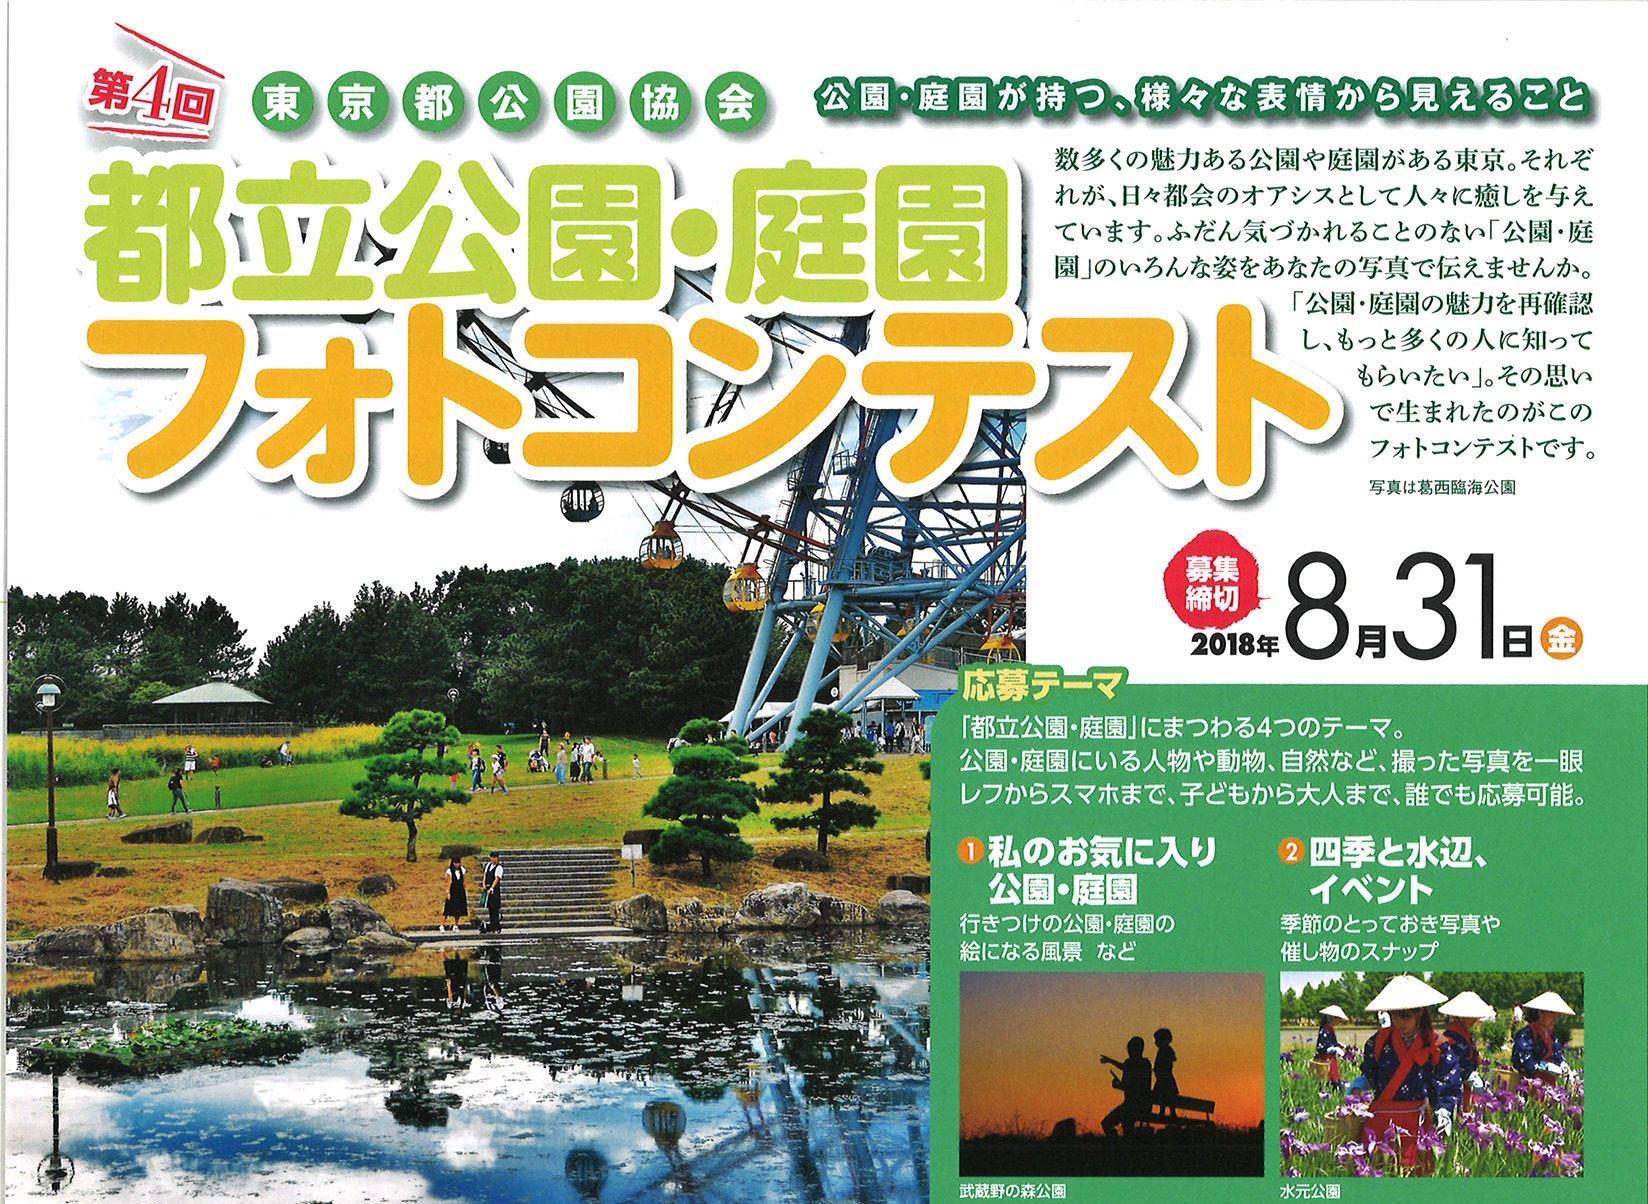 第4回 東京都公園協会 都立公園・庭園フォトコンテスト